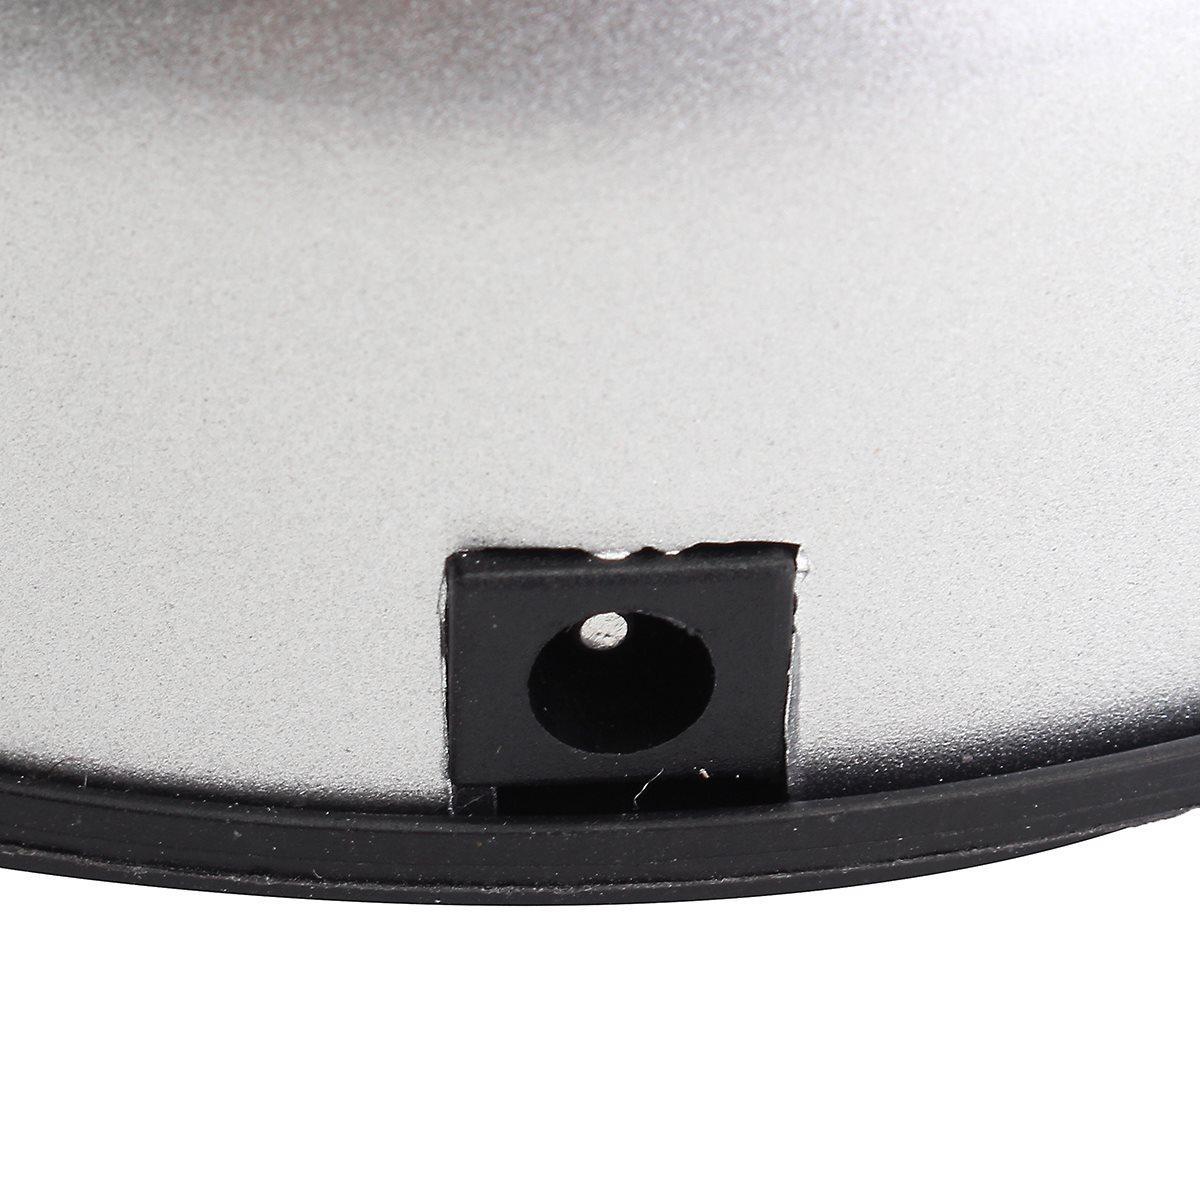 Lampadina a LED rotante in plastica bianca 7 LED Lampadina Supporto base espositore argento espositore gioielli con cristalli di cristallo